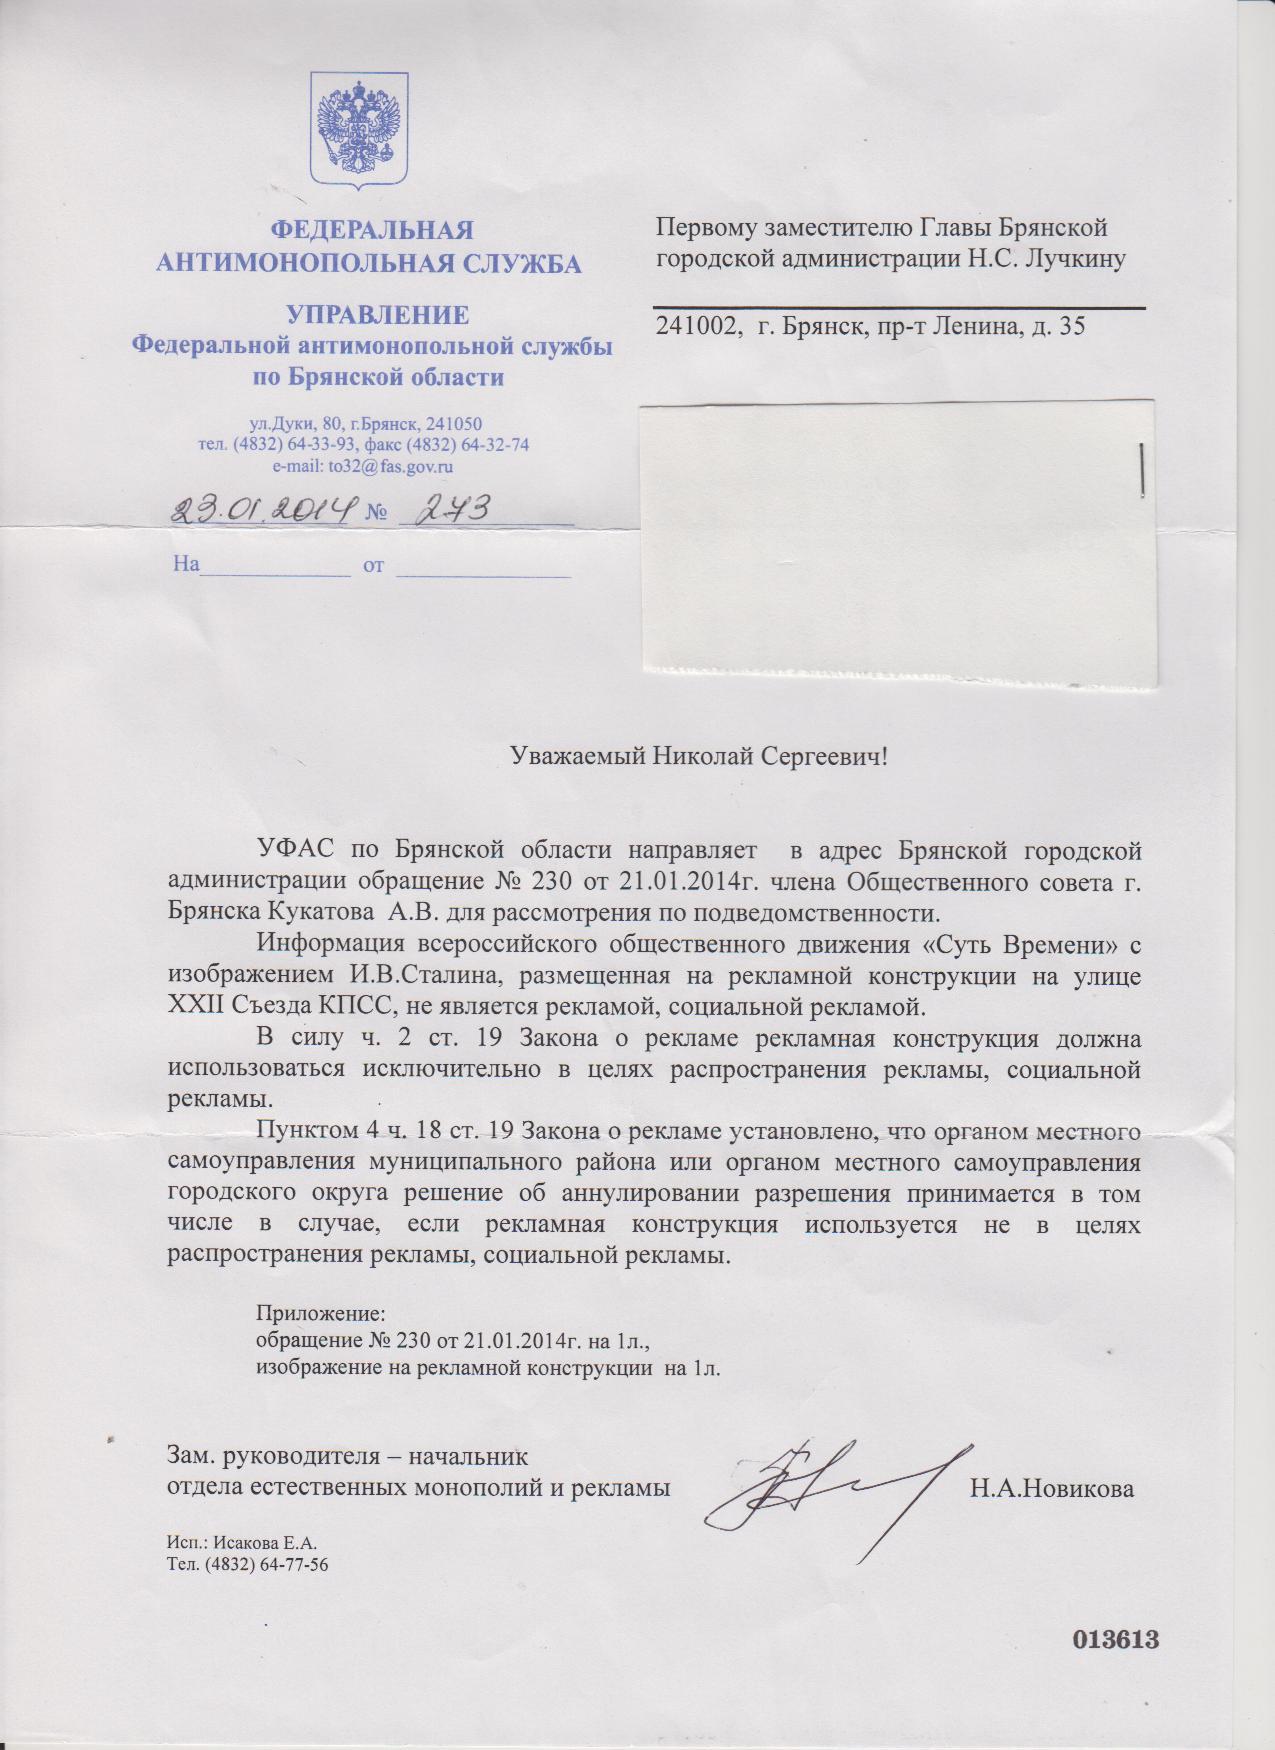 Документ 1 (2)